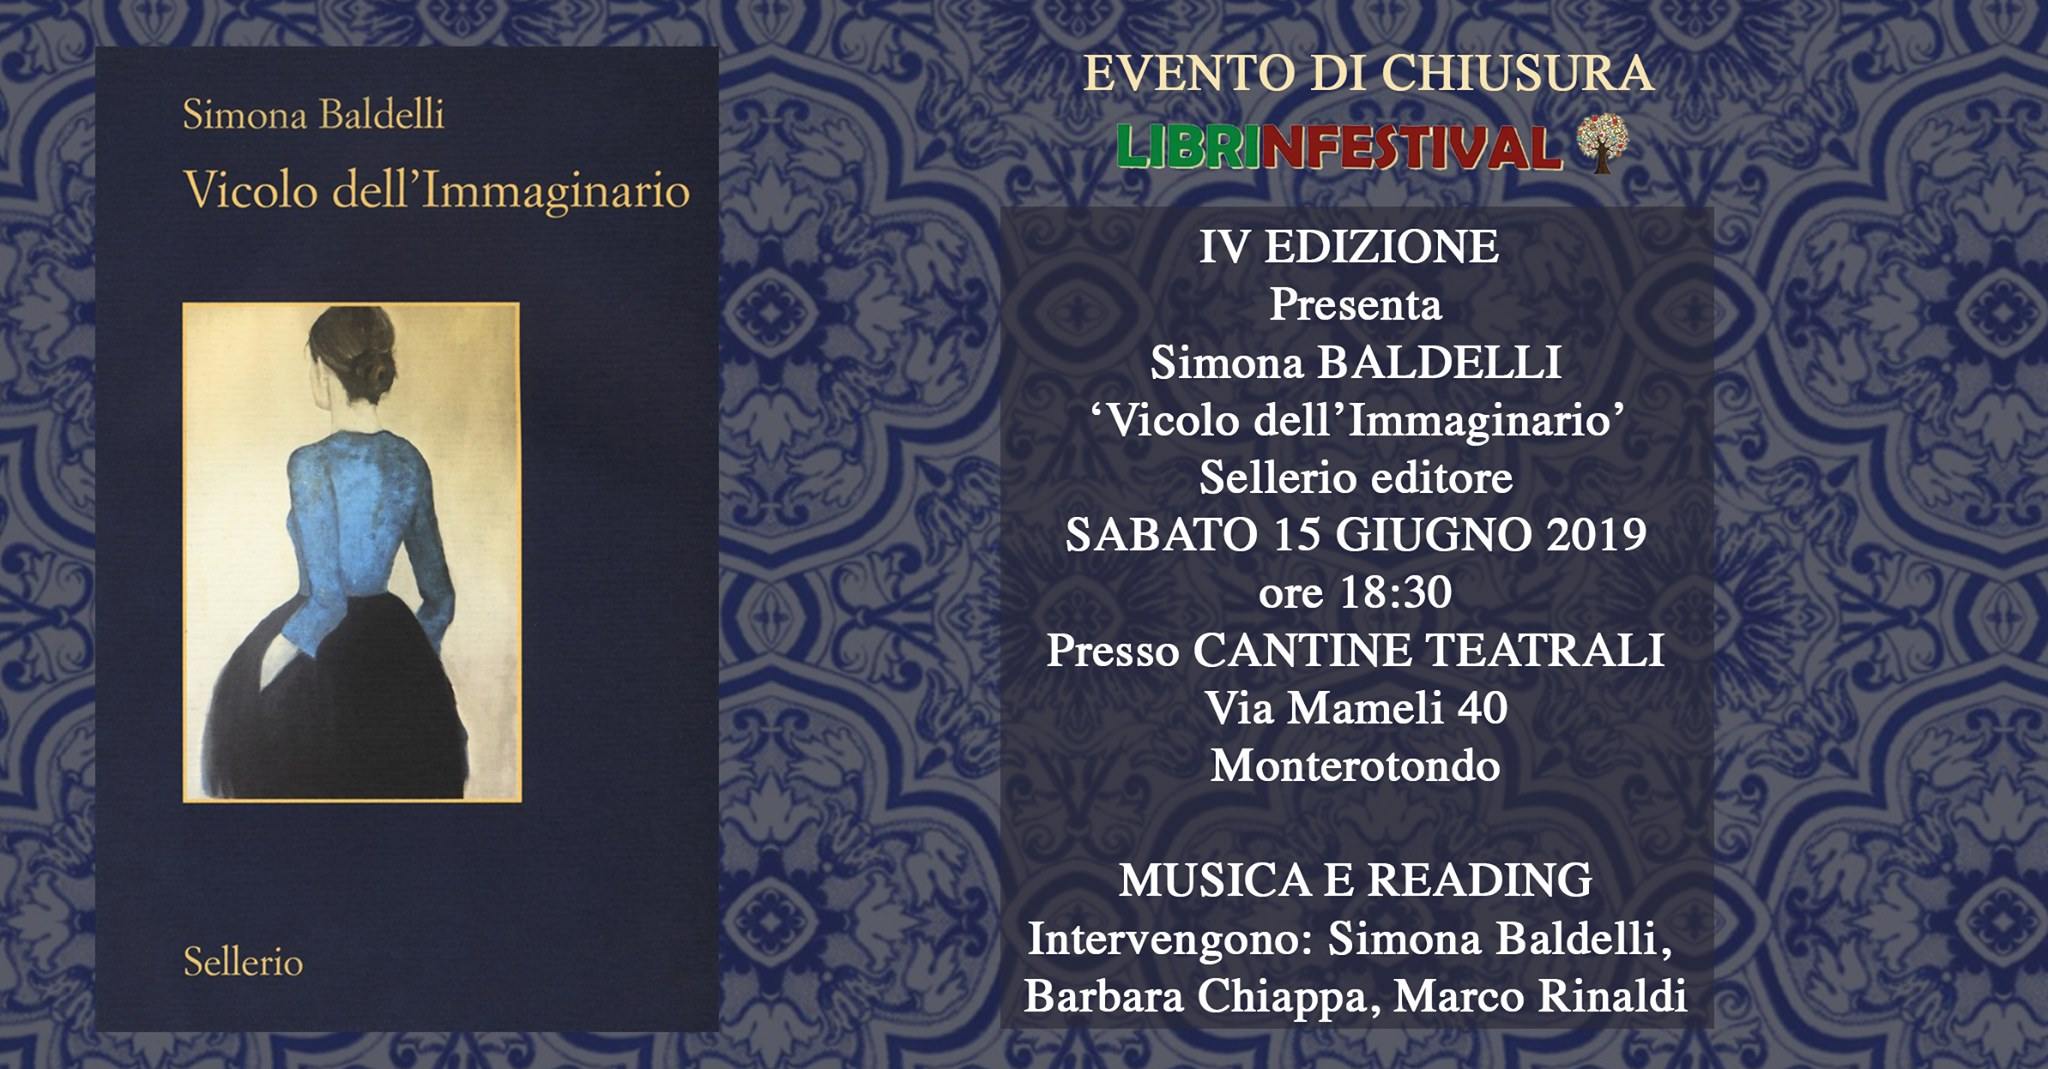 Simona Baldelli, Sellerio, #Librinfestival, Vicolo dell'immaginario